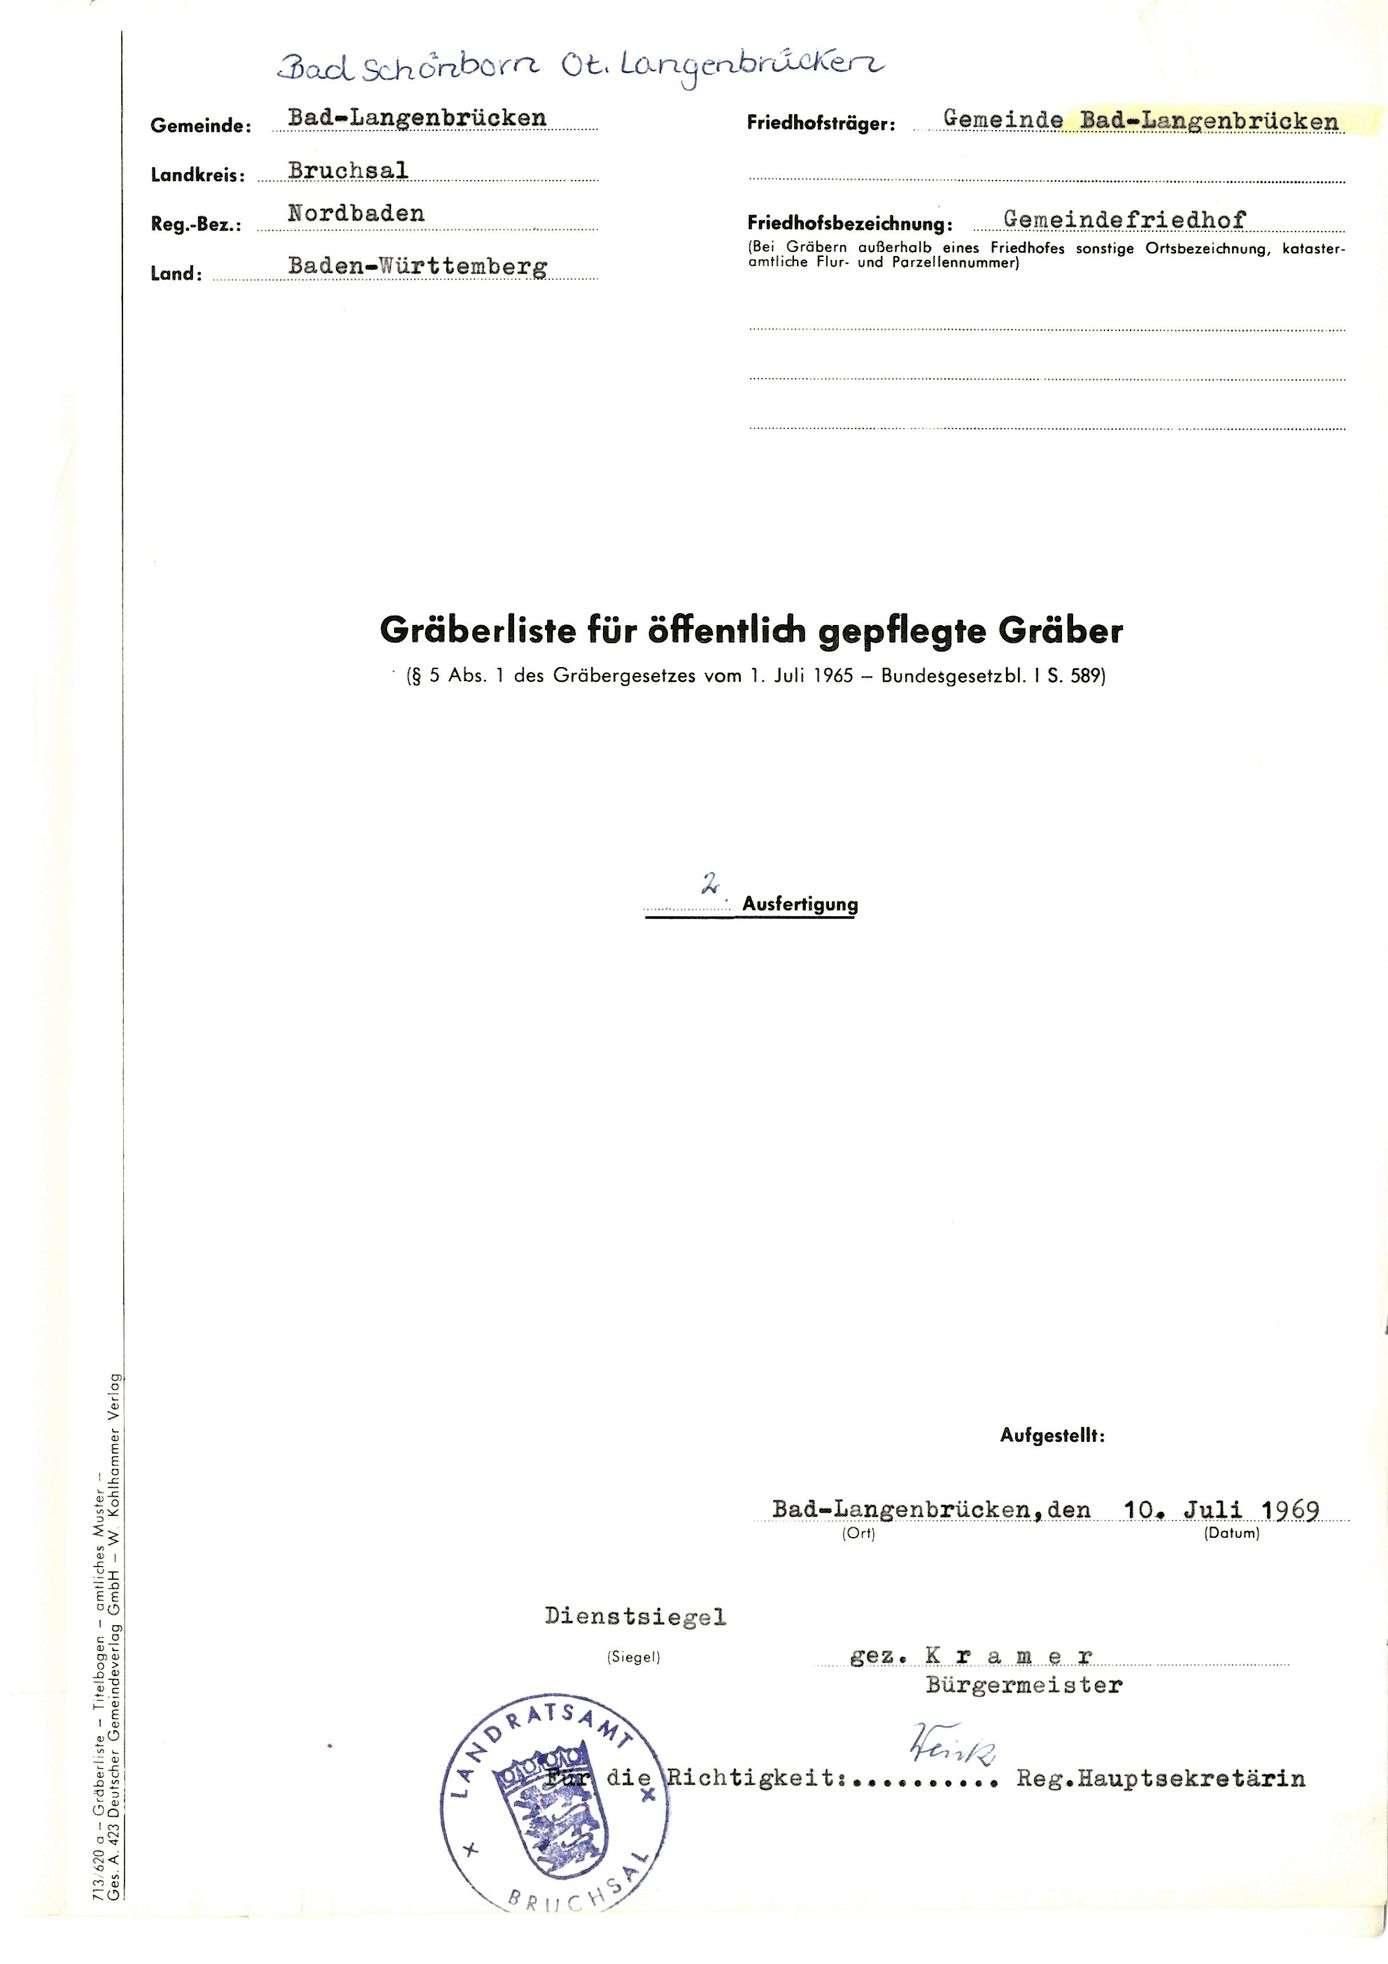 Bad Langenbrücken, Bild 1